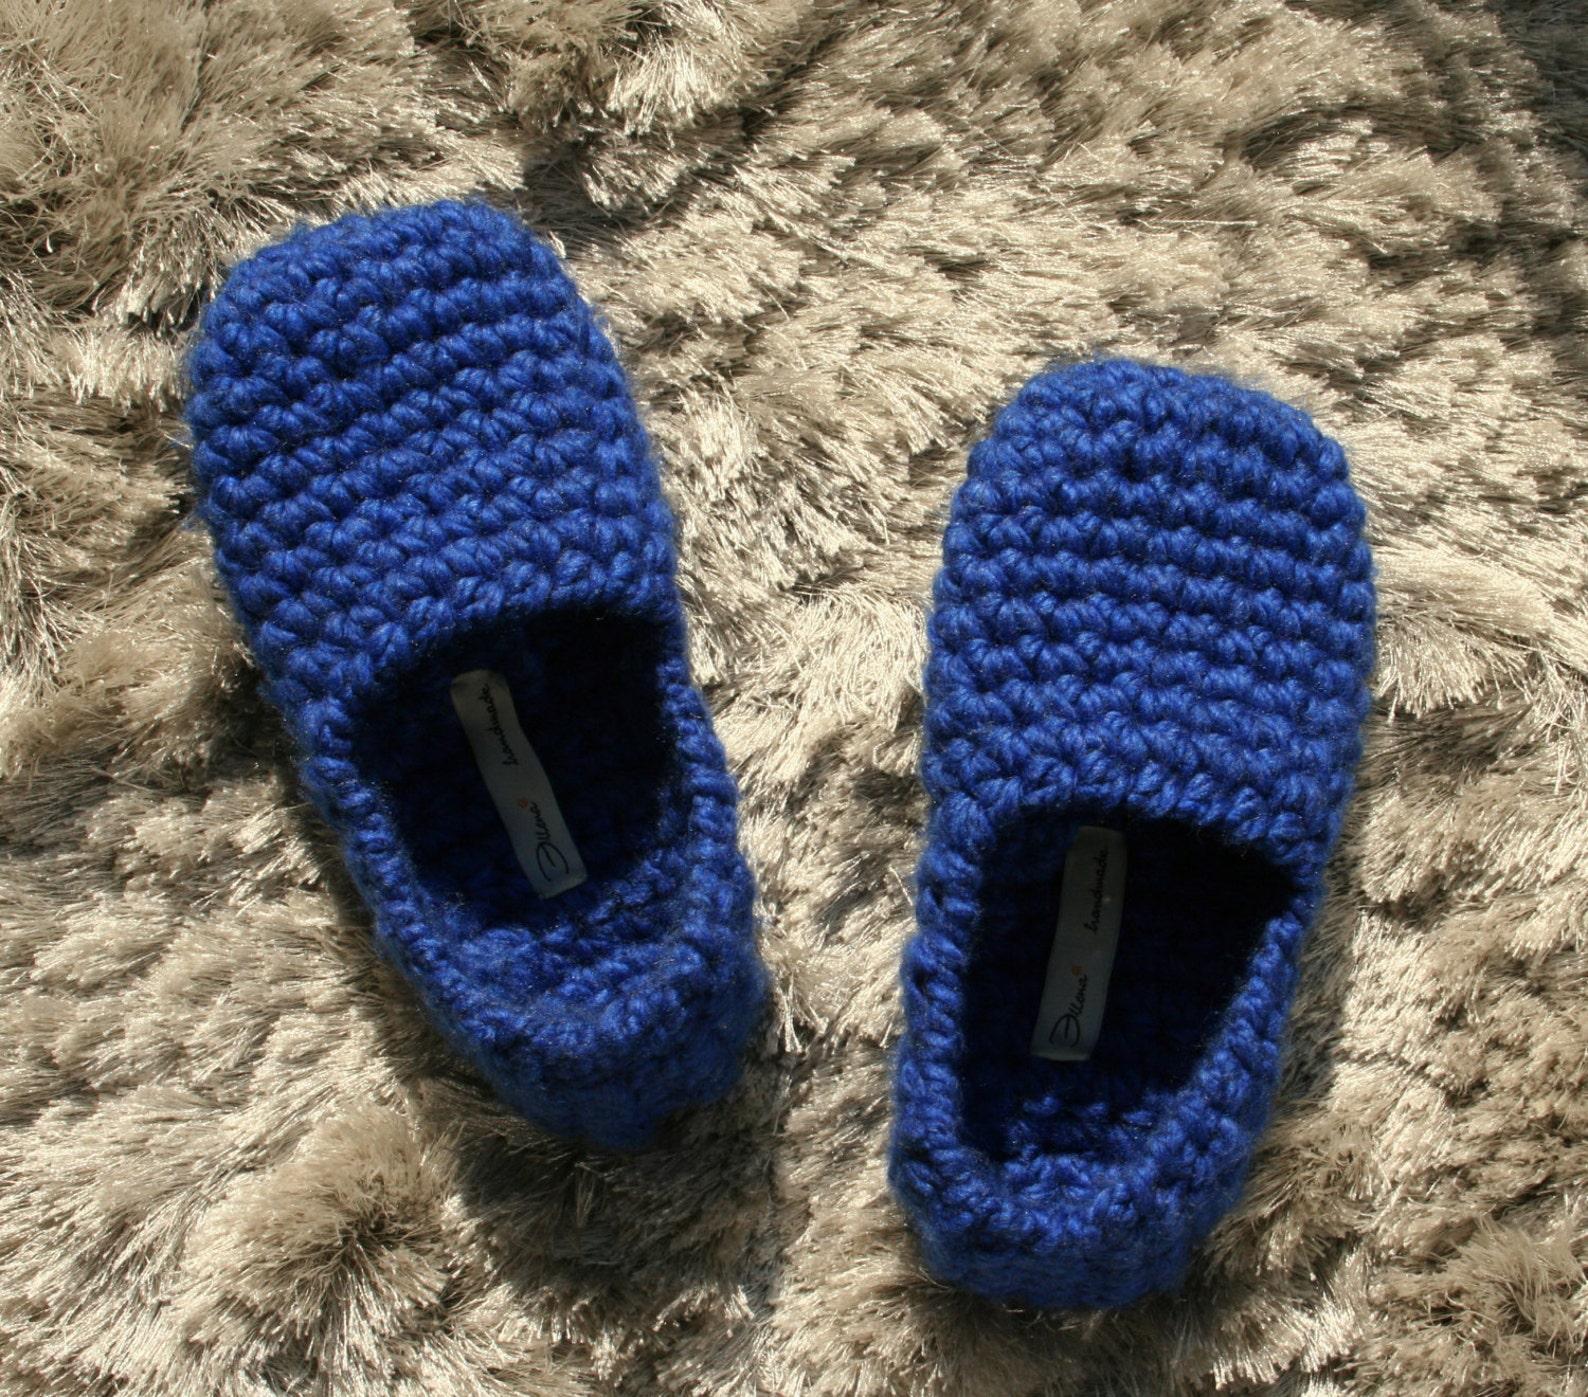 royal blue slippers for women - footwear - ballet flats - handmade home shoes - crochet slippers - non-slip slippers - slippers